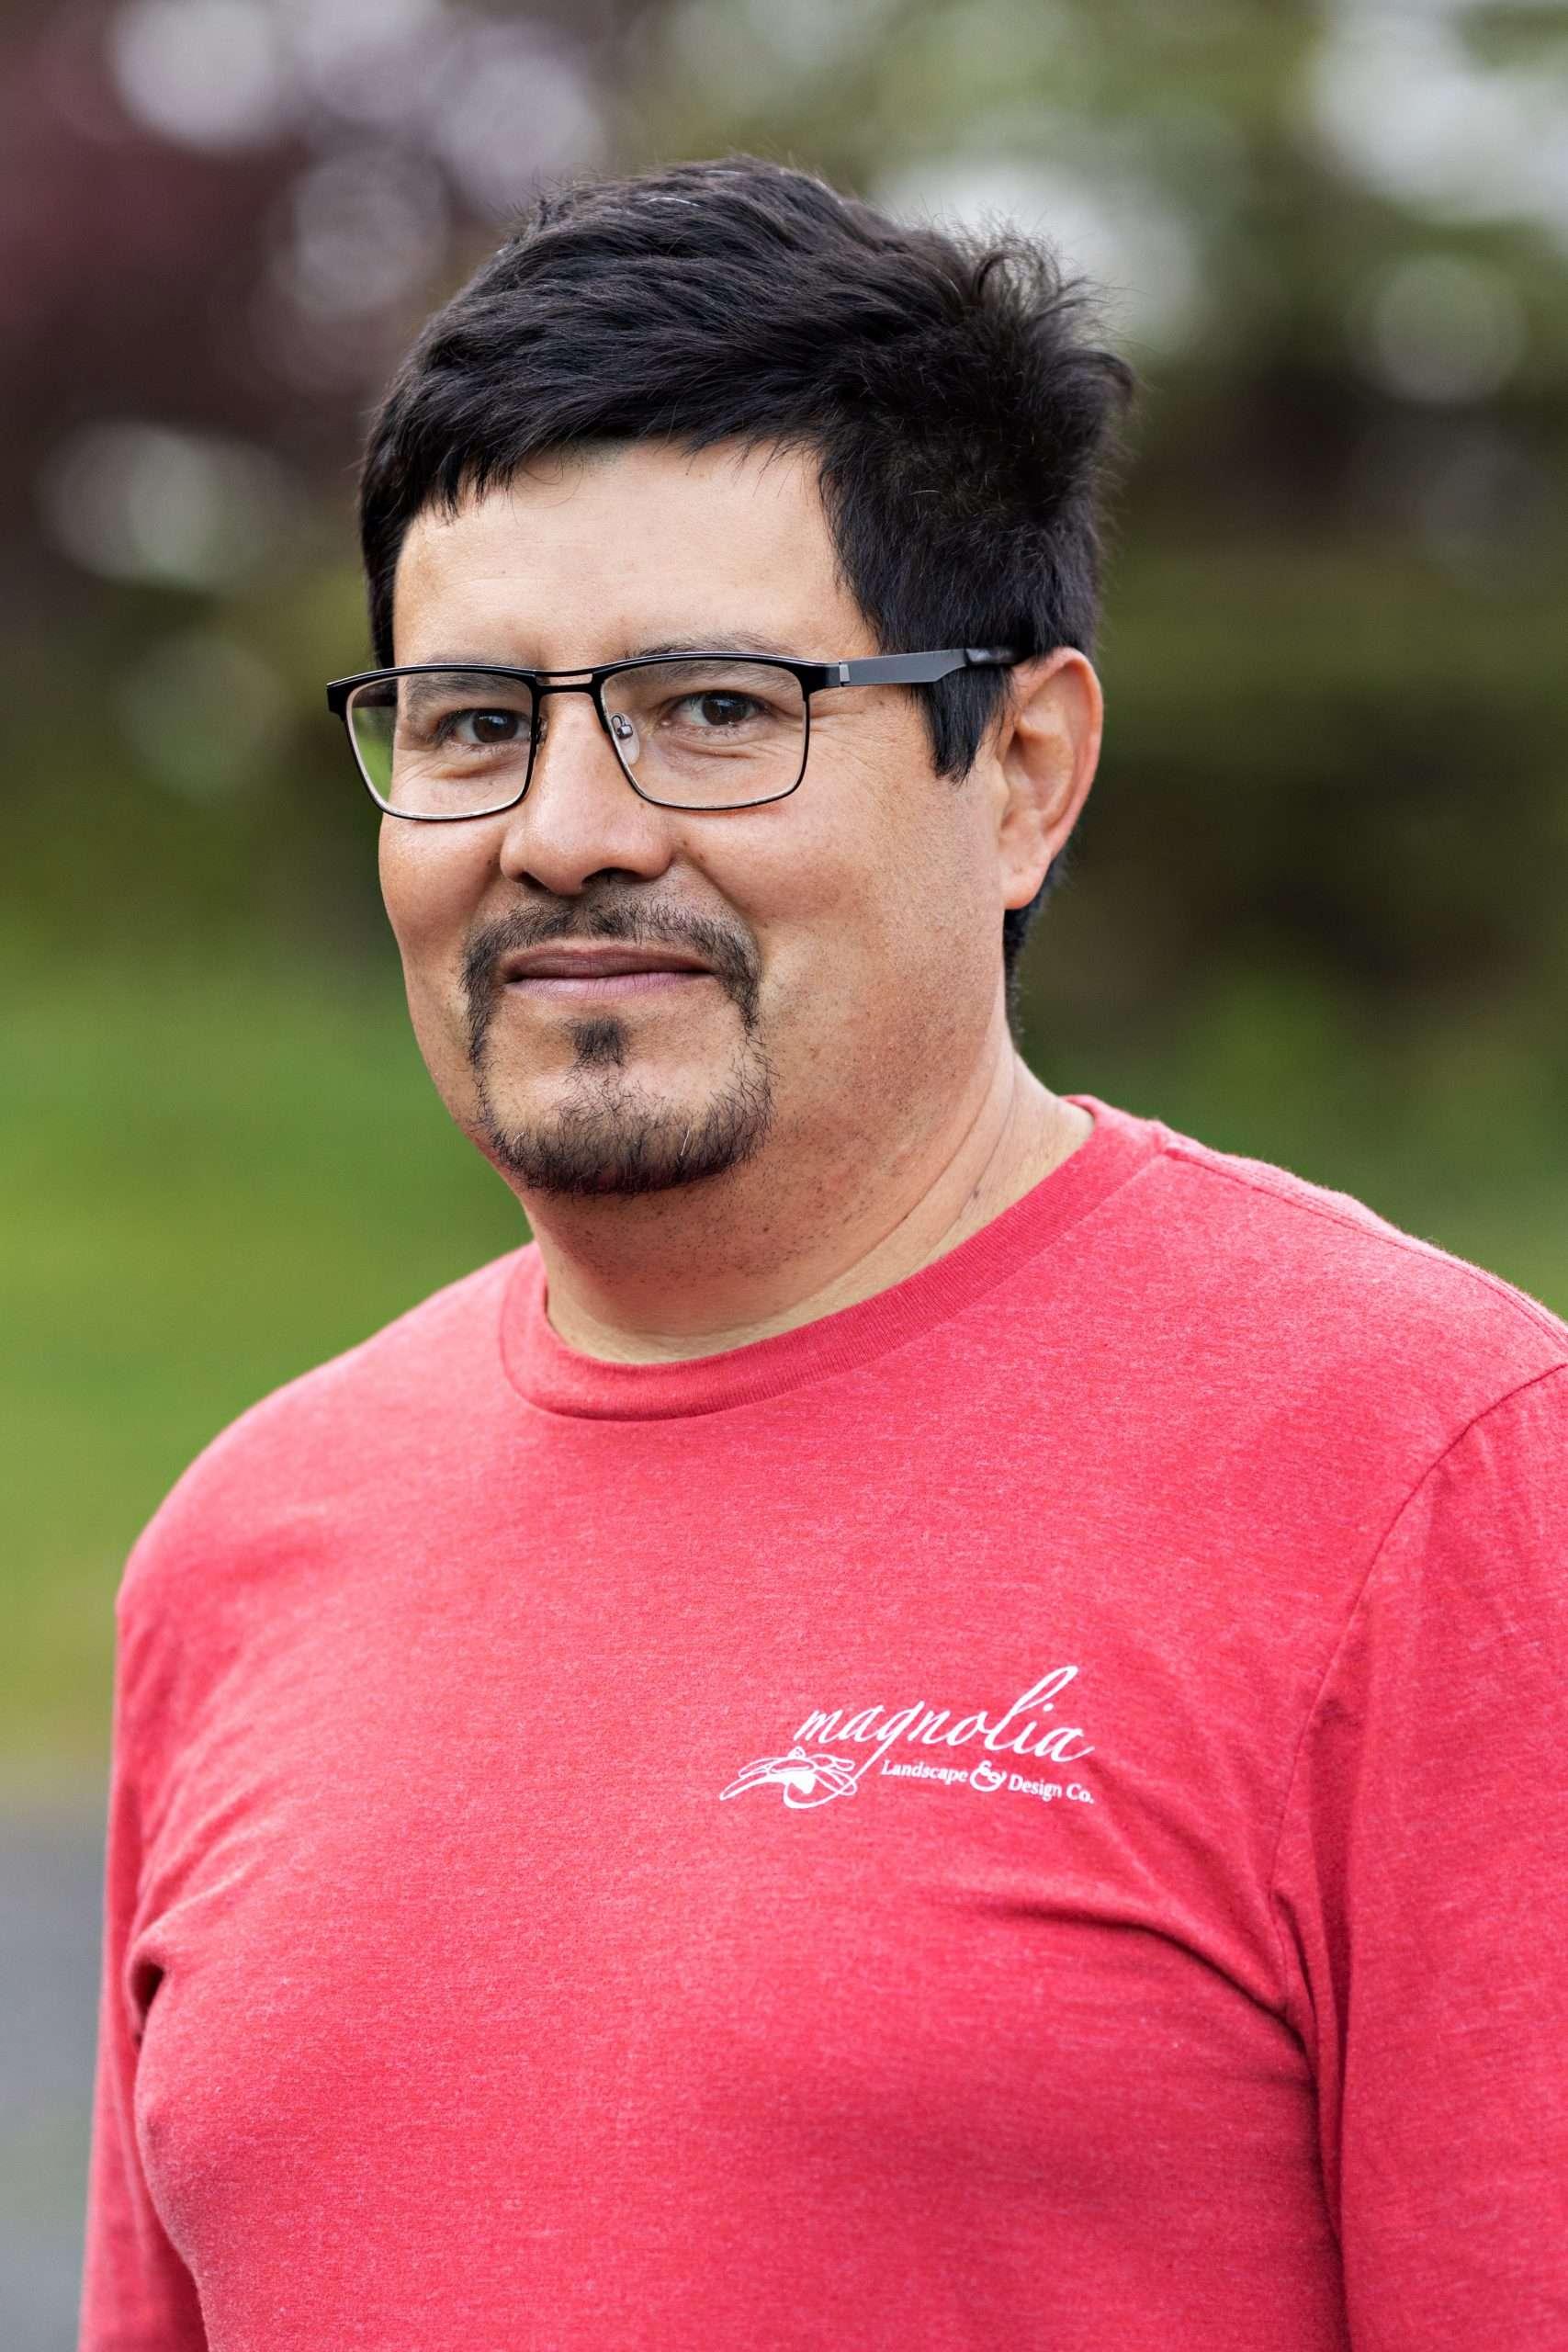 Arnulfo Morales (Arnie), Foreman